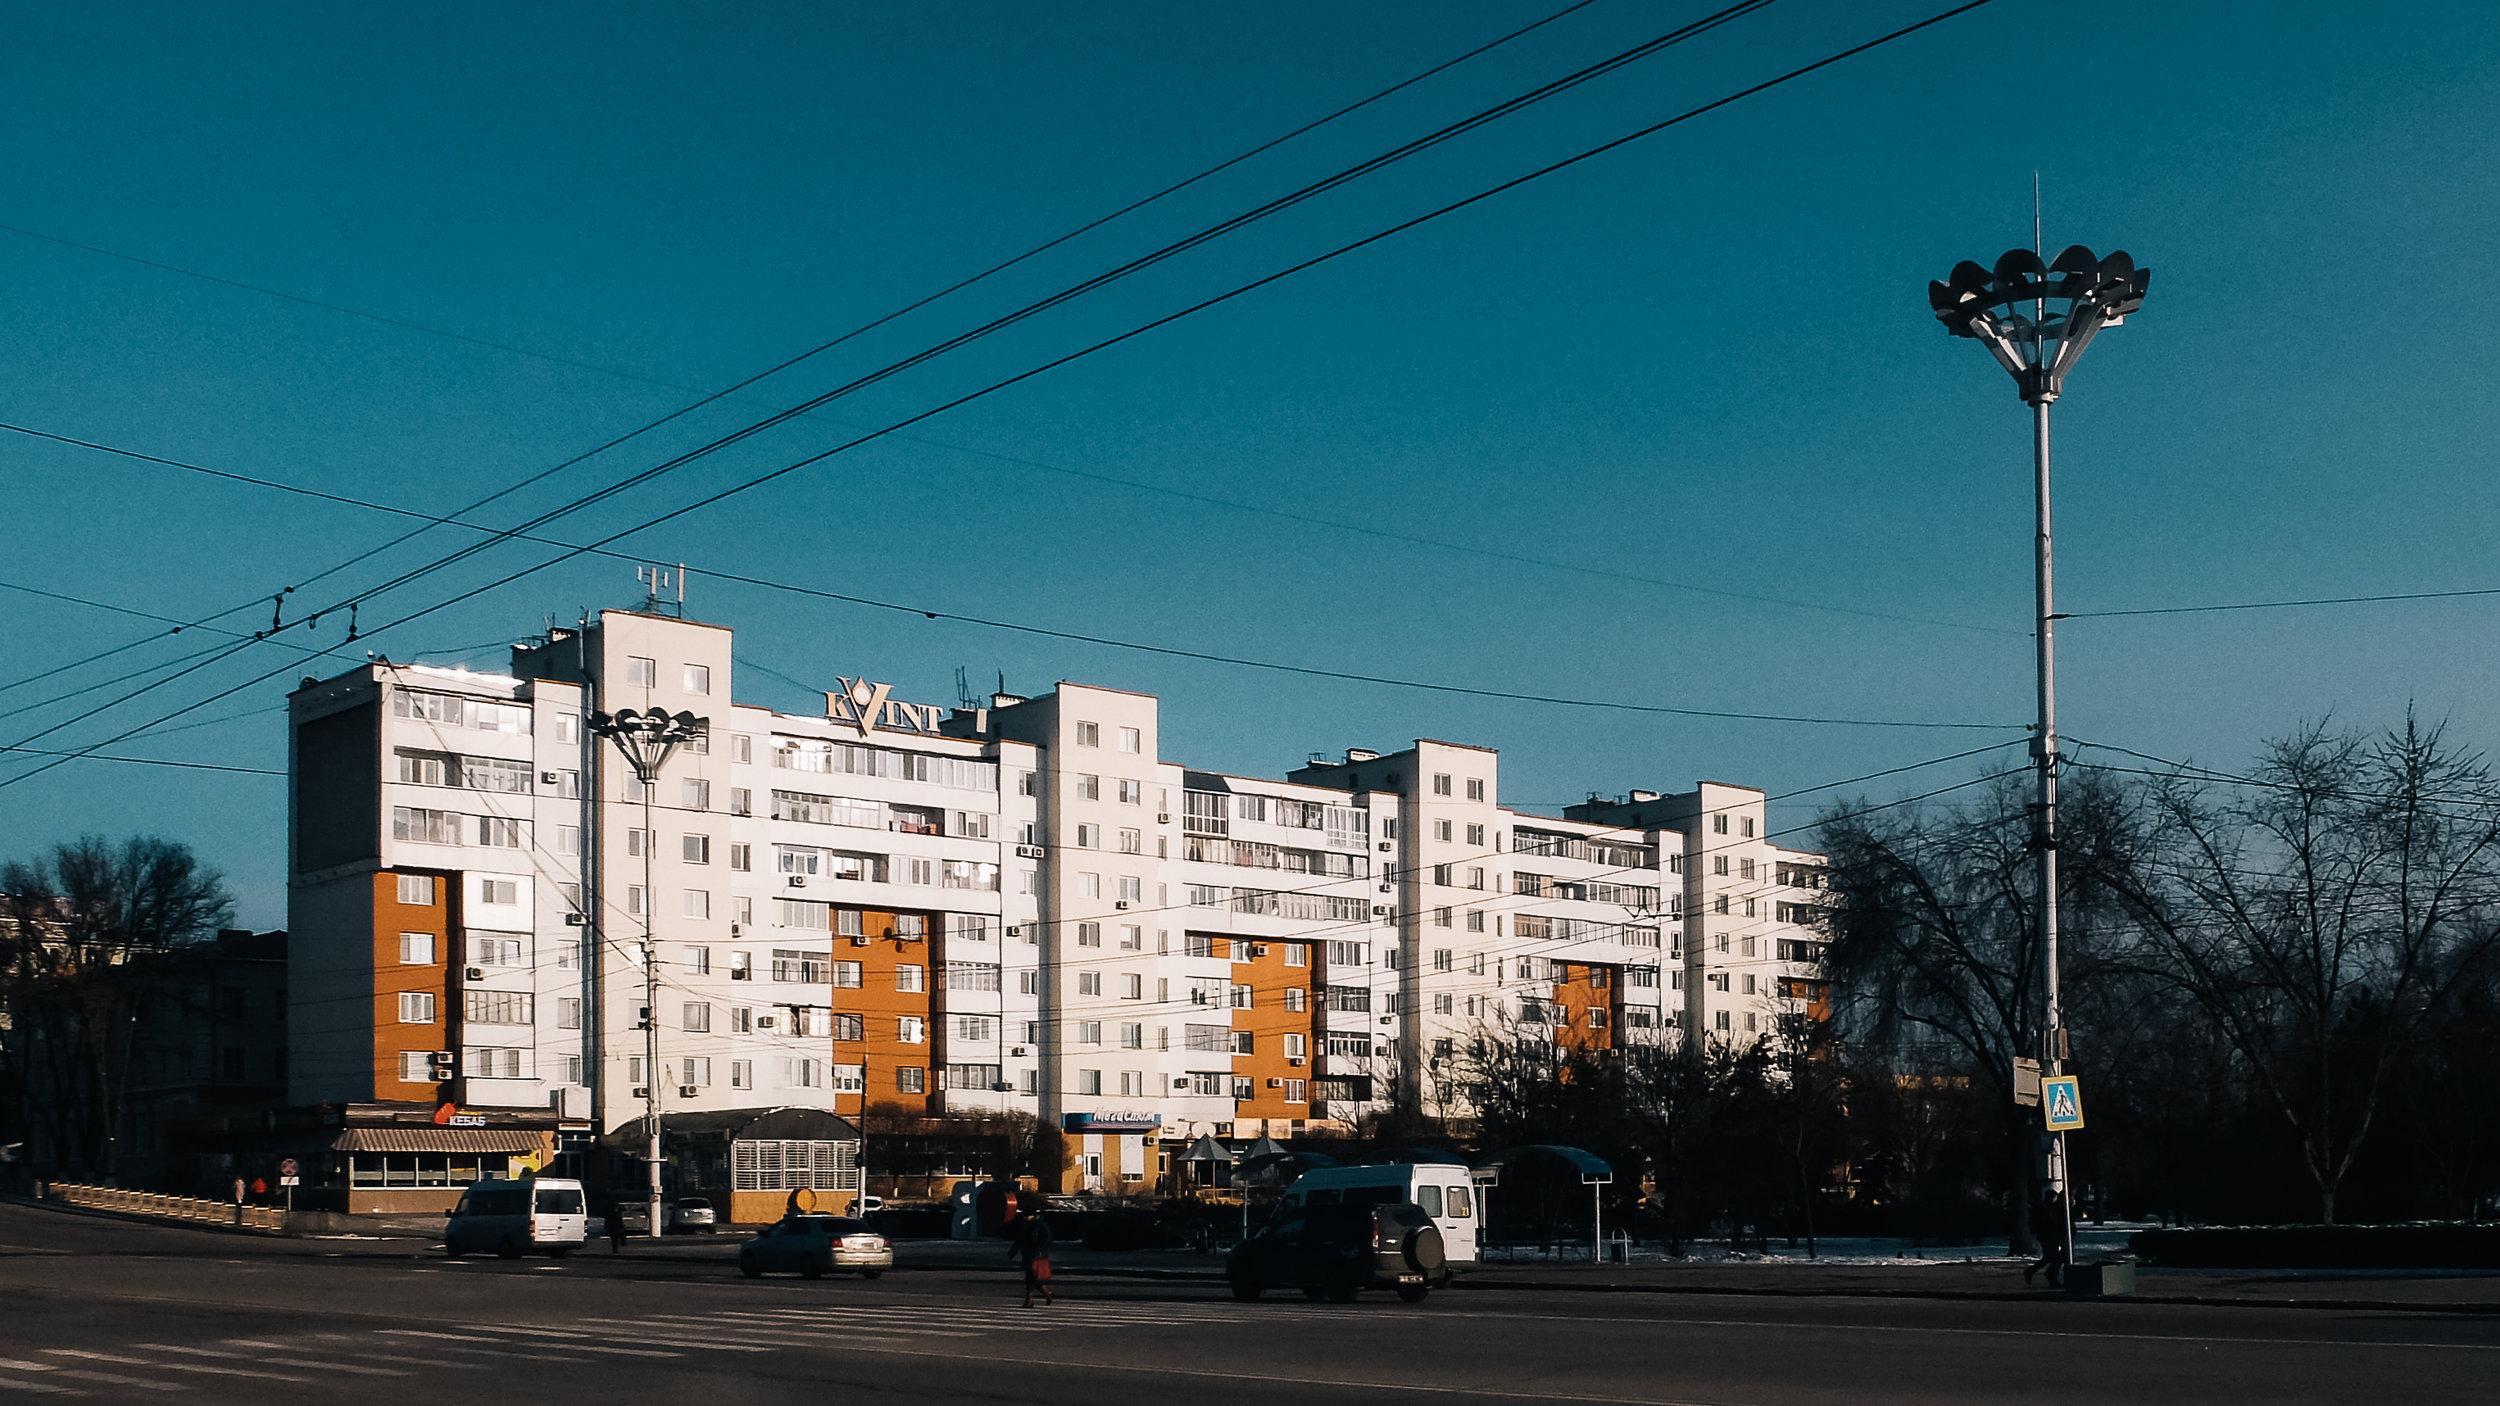 Το κτήριο με το λογότυπο της Kvint